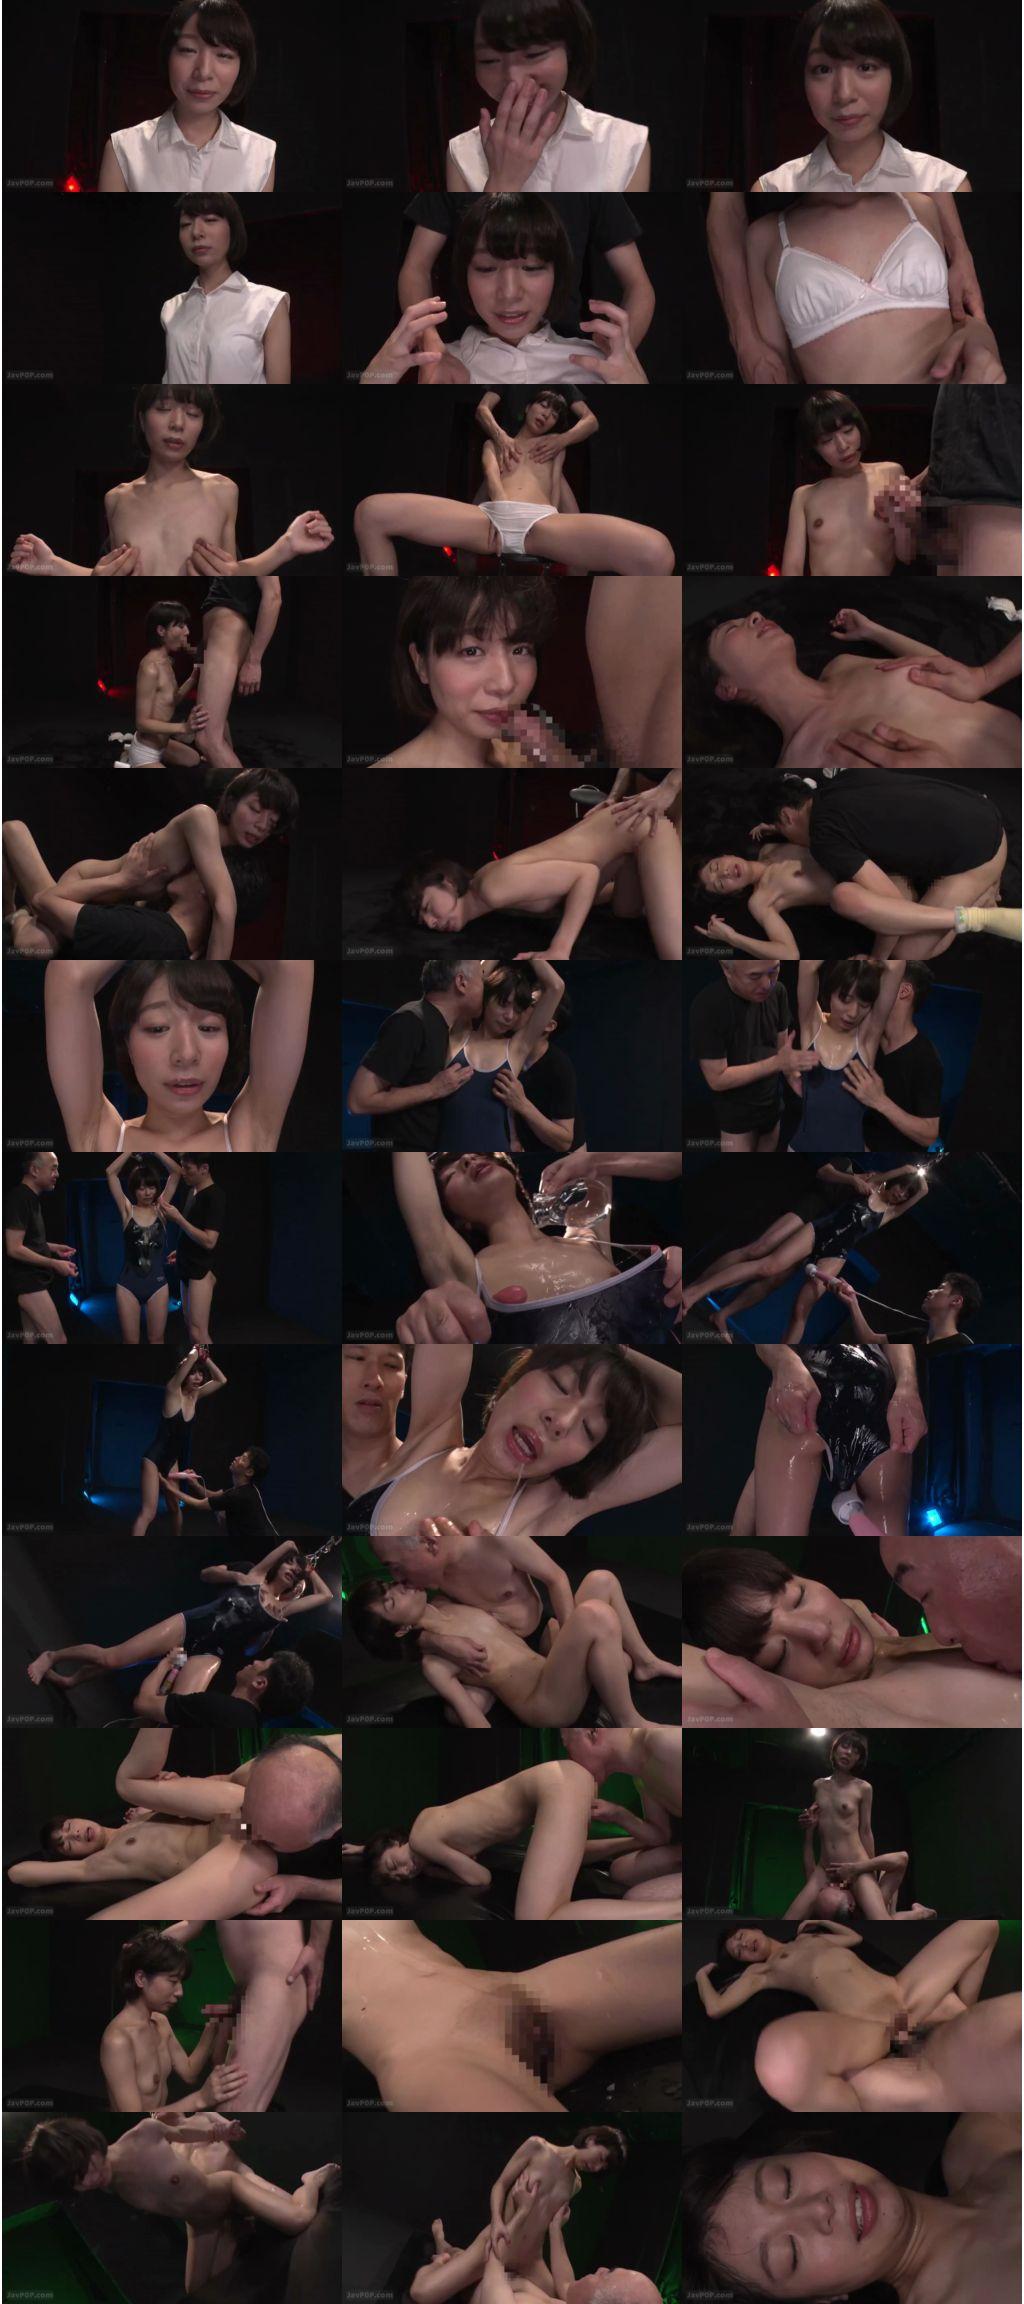 [XRW-606] 微乳は嬲られるためにあると知った女子 まなかかな Mana Kakana 中出し K.M.Produce オナニー 電マ